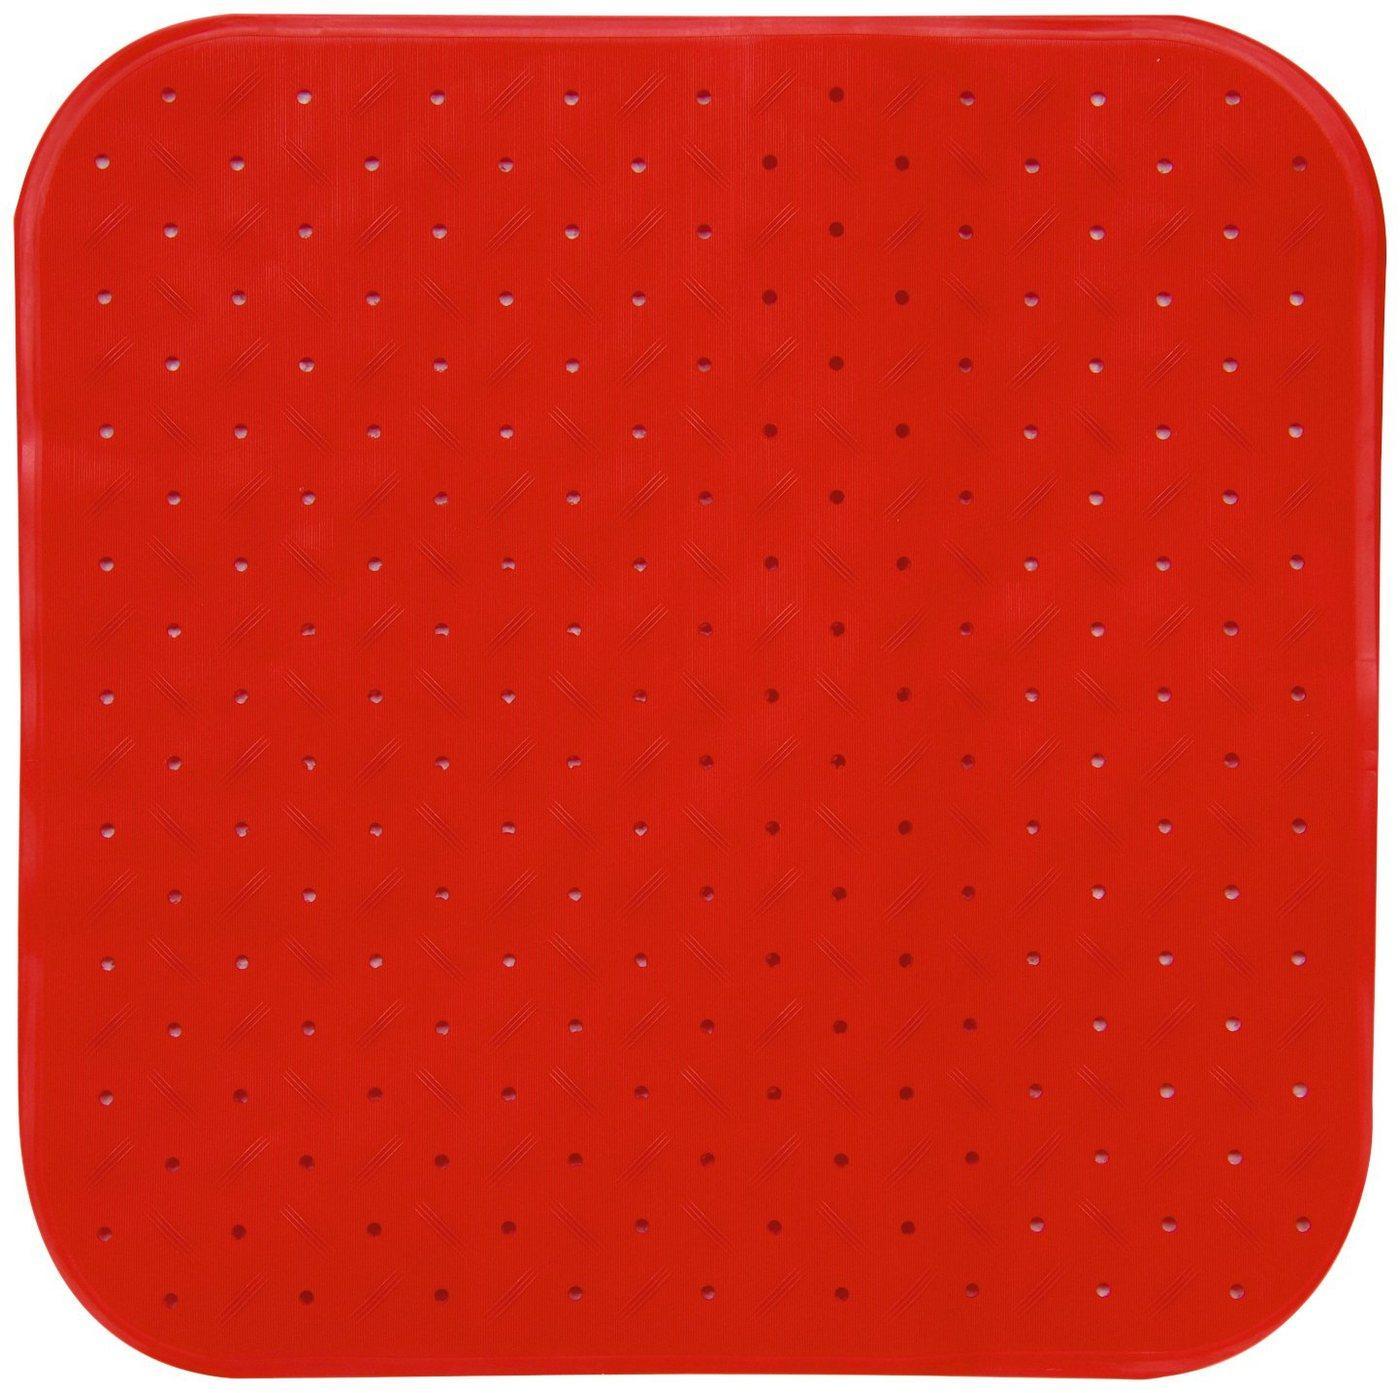 MSV Duscheinlage »CLASS PREMIUM«, B: 54 cm, L: 54 cm, rutschfest, BxH: 54 x 54 cm, rot